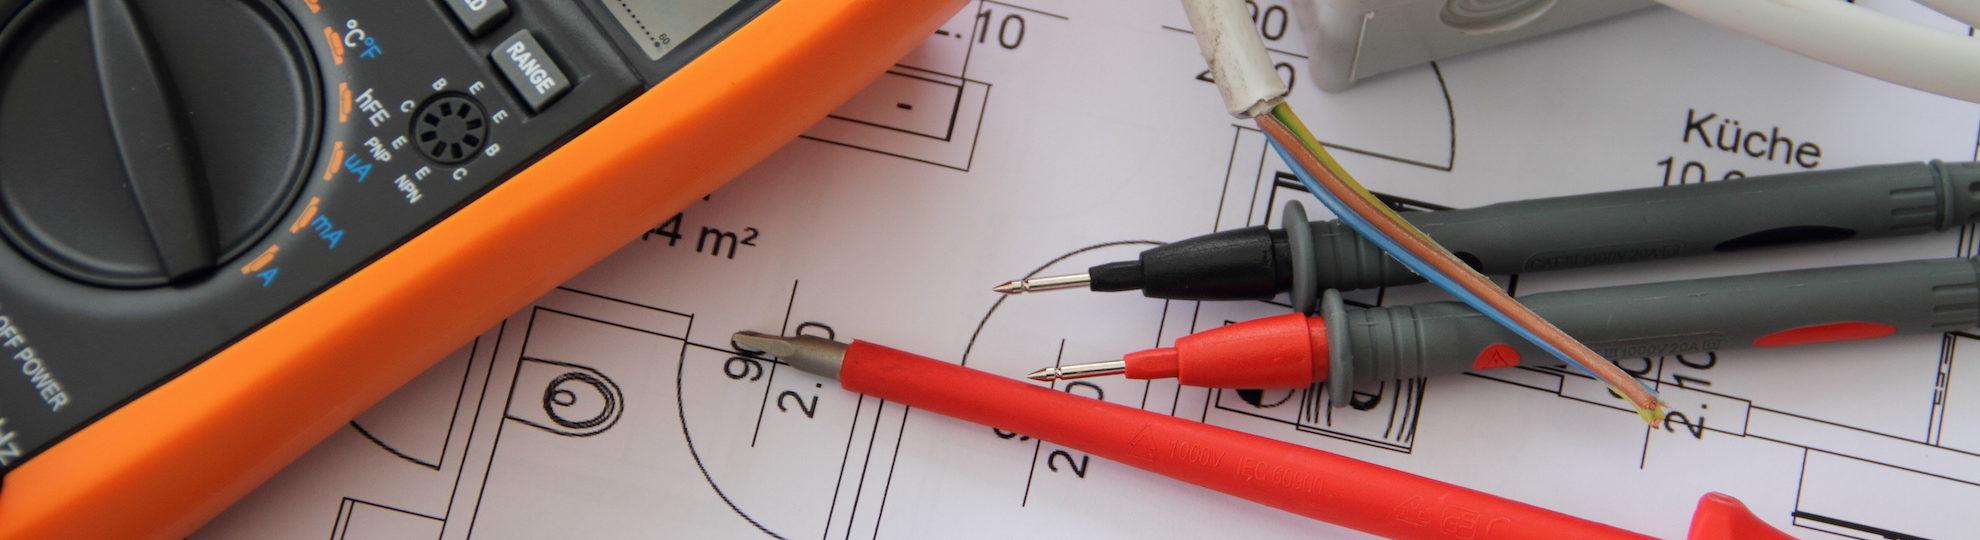 Elektro Pankow – Elektriker Elektroinstallation